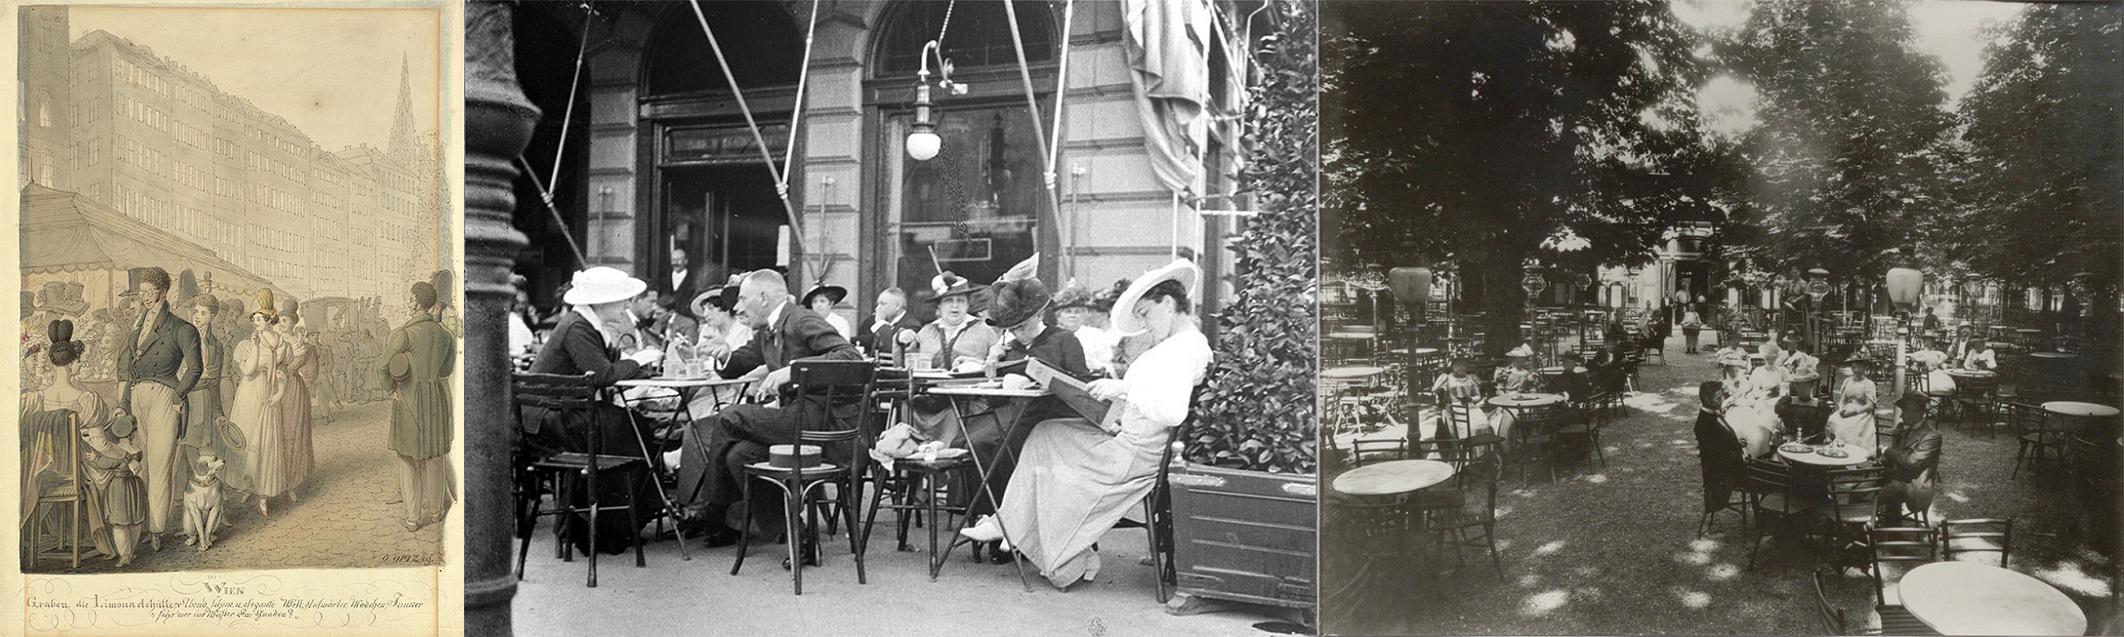 Taronis Limonadezelt am Graben - Schanigärten um 1900